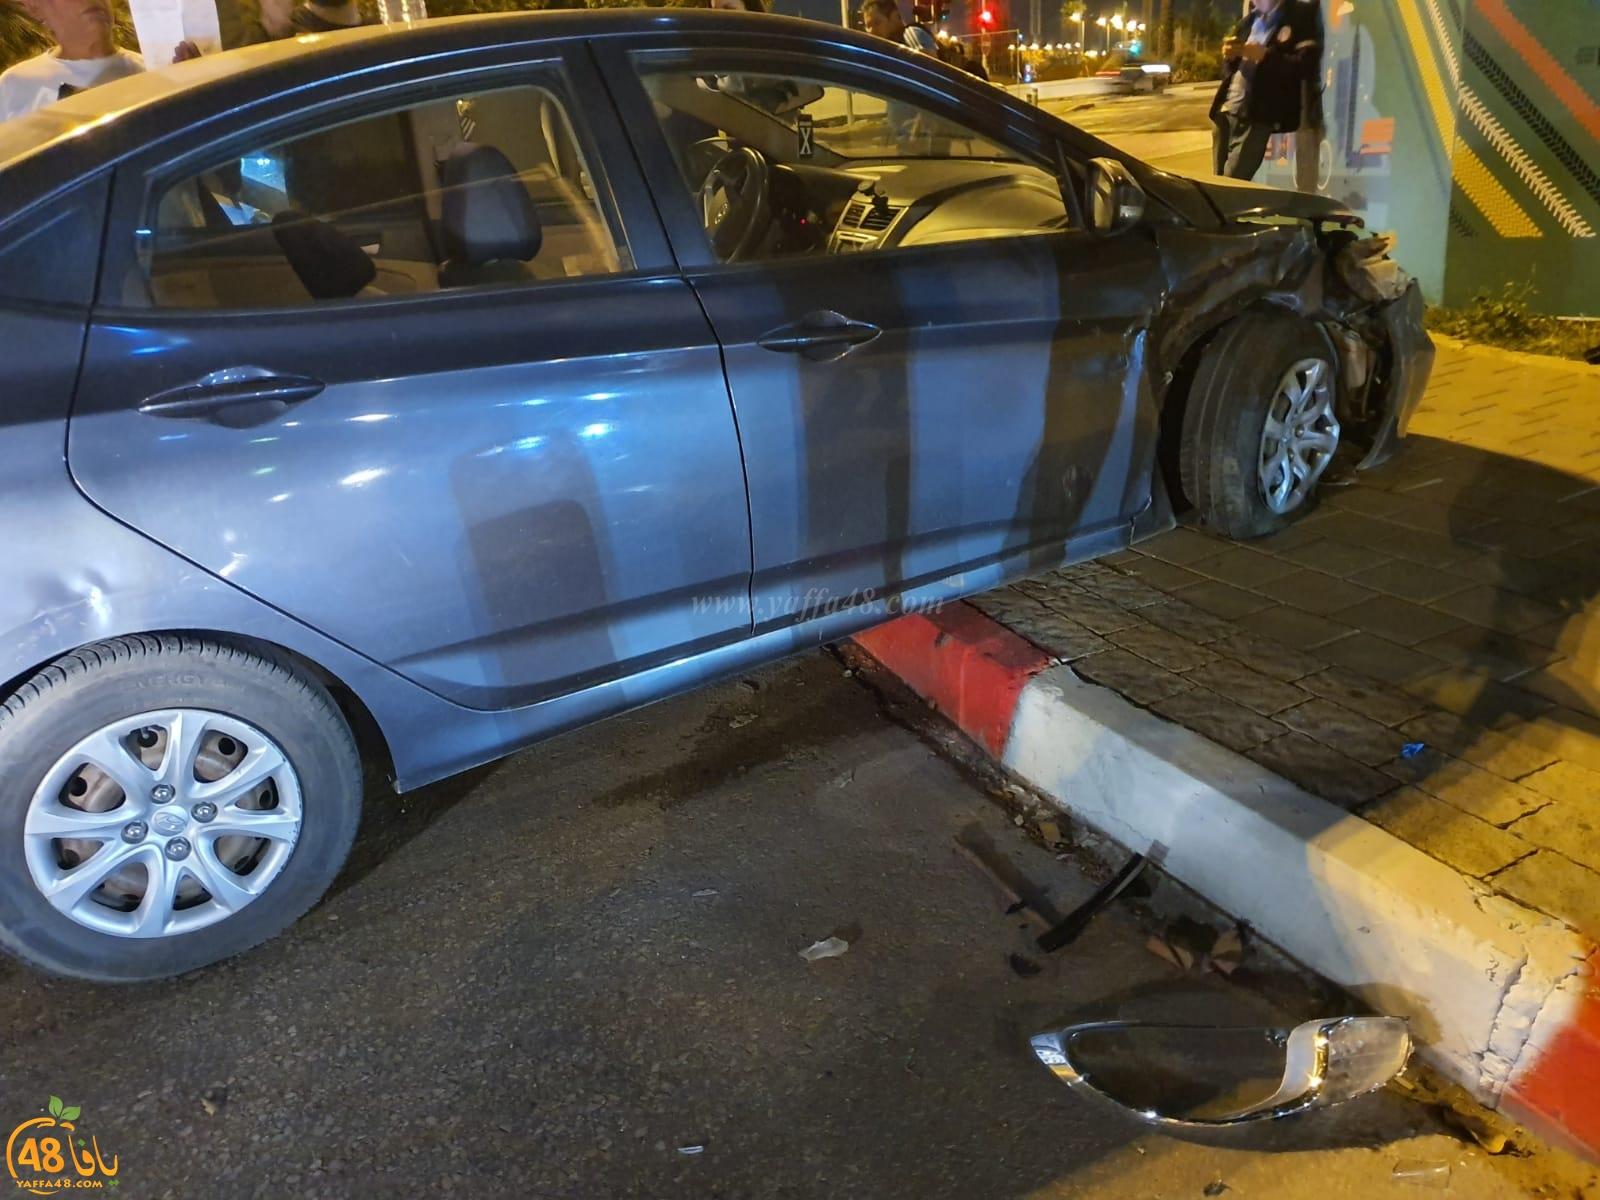 بالصور: حادث طرق بين مركبتين بيافا يُسفر عن اصابة طفيفة